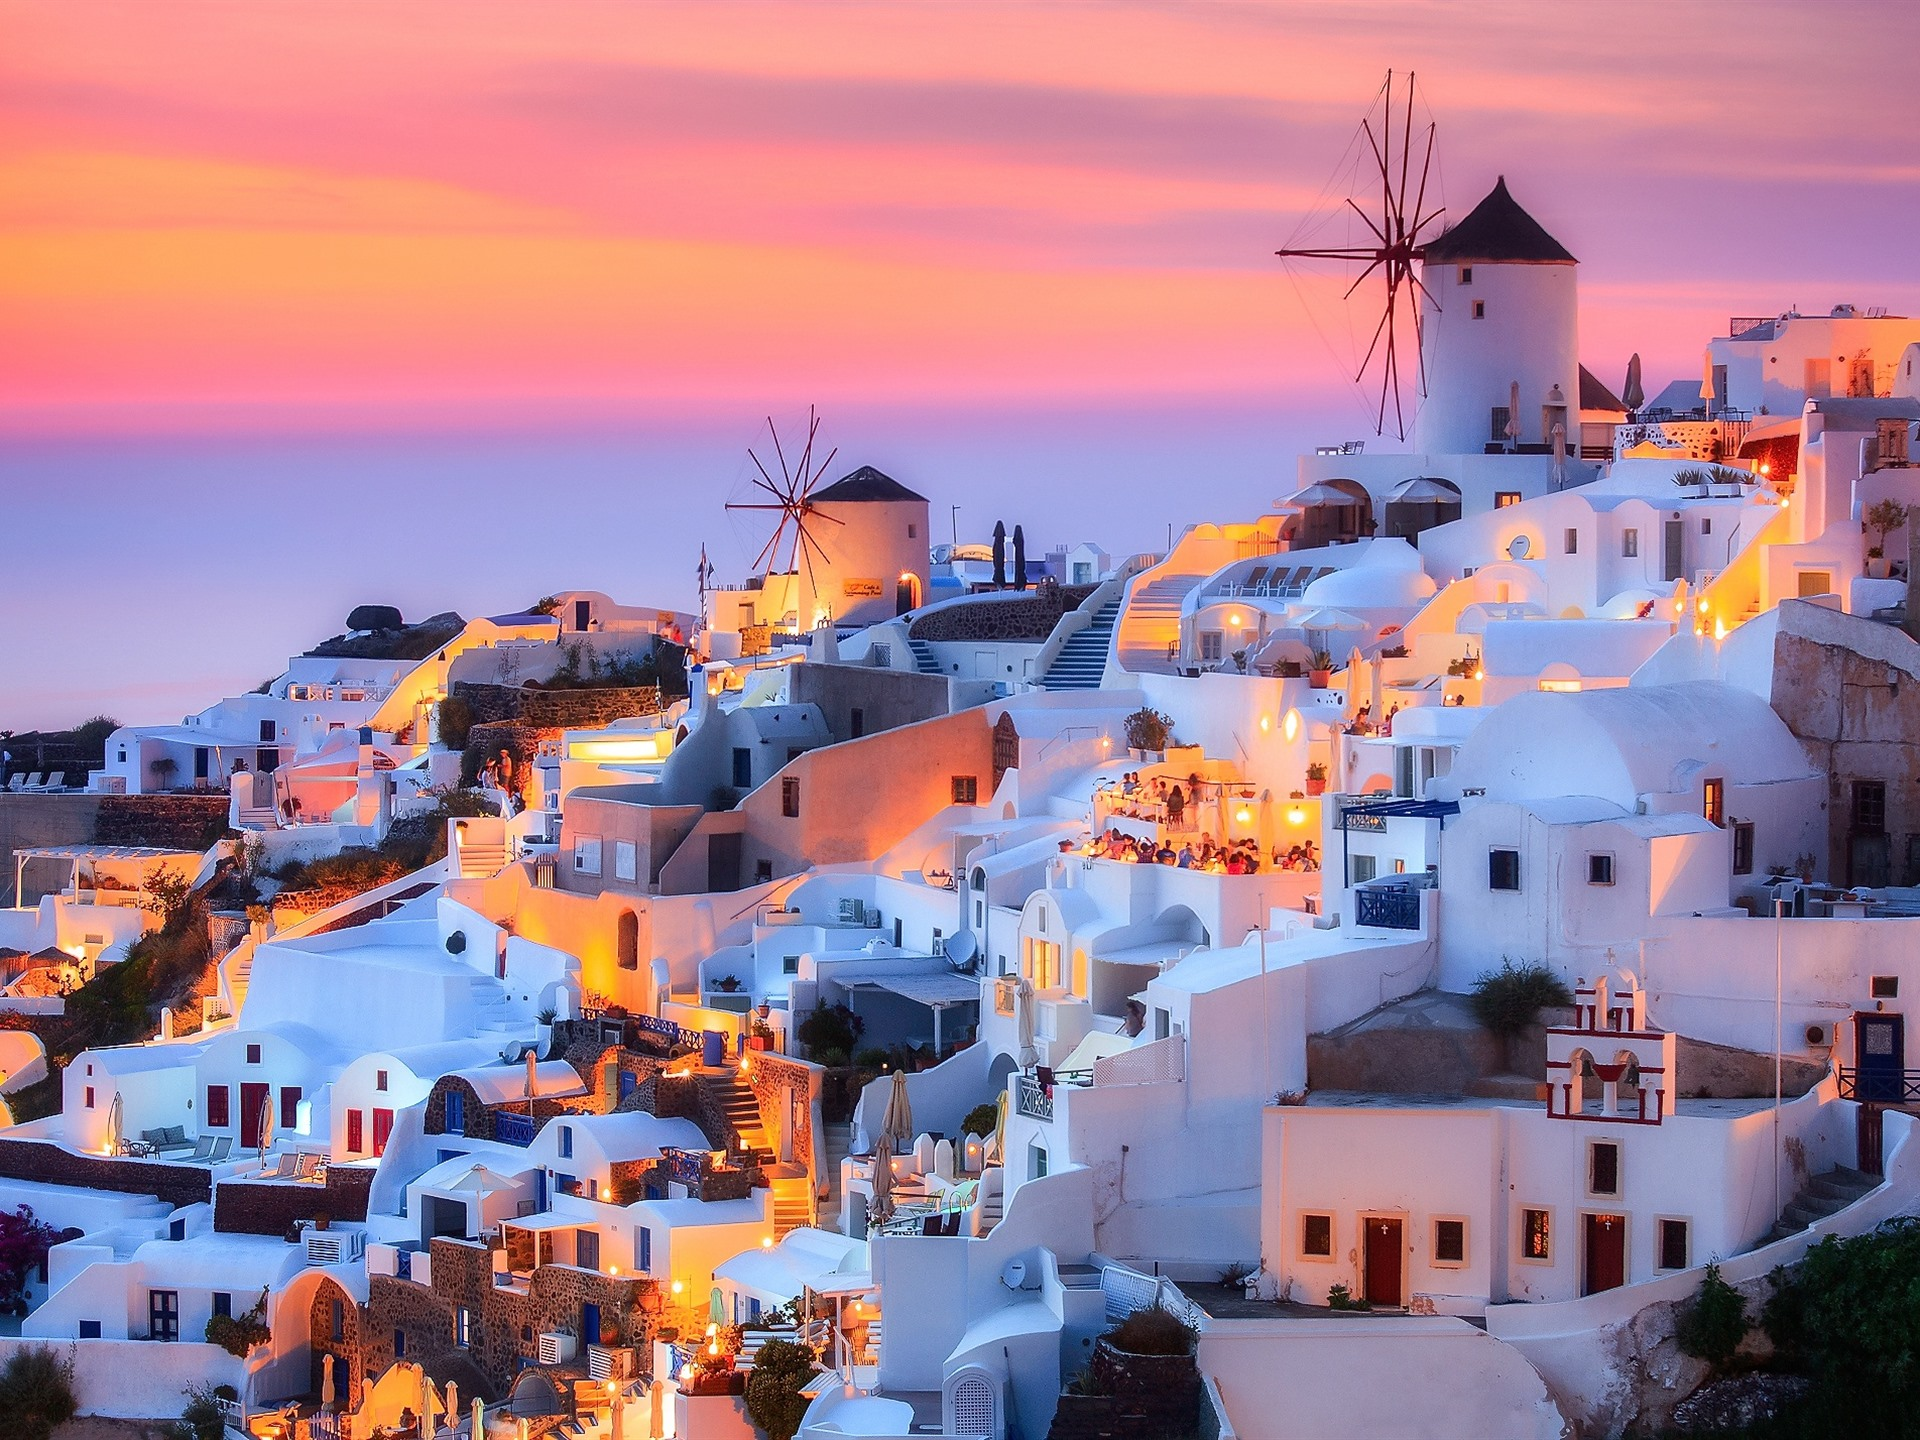 фото туры в Грецию, Санторини